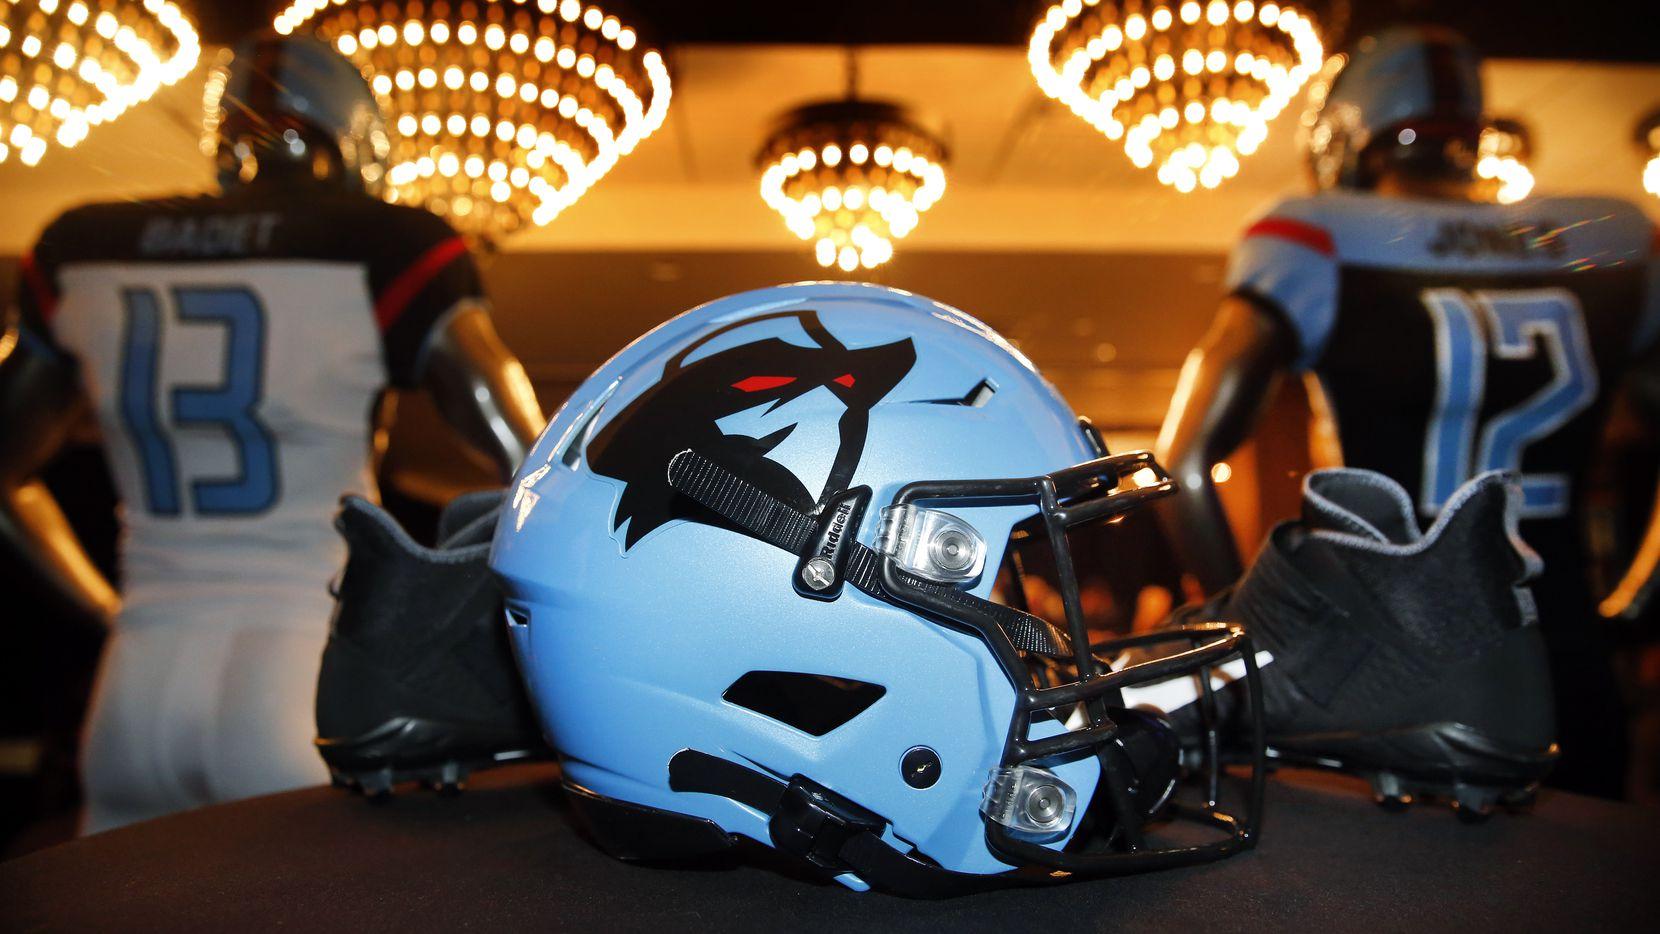 Los Dallas Renegades, el equipo de la nueva liga de futbol americano XFL, presentaron sus uniformes para la temporada que inicia en febrero.